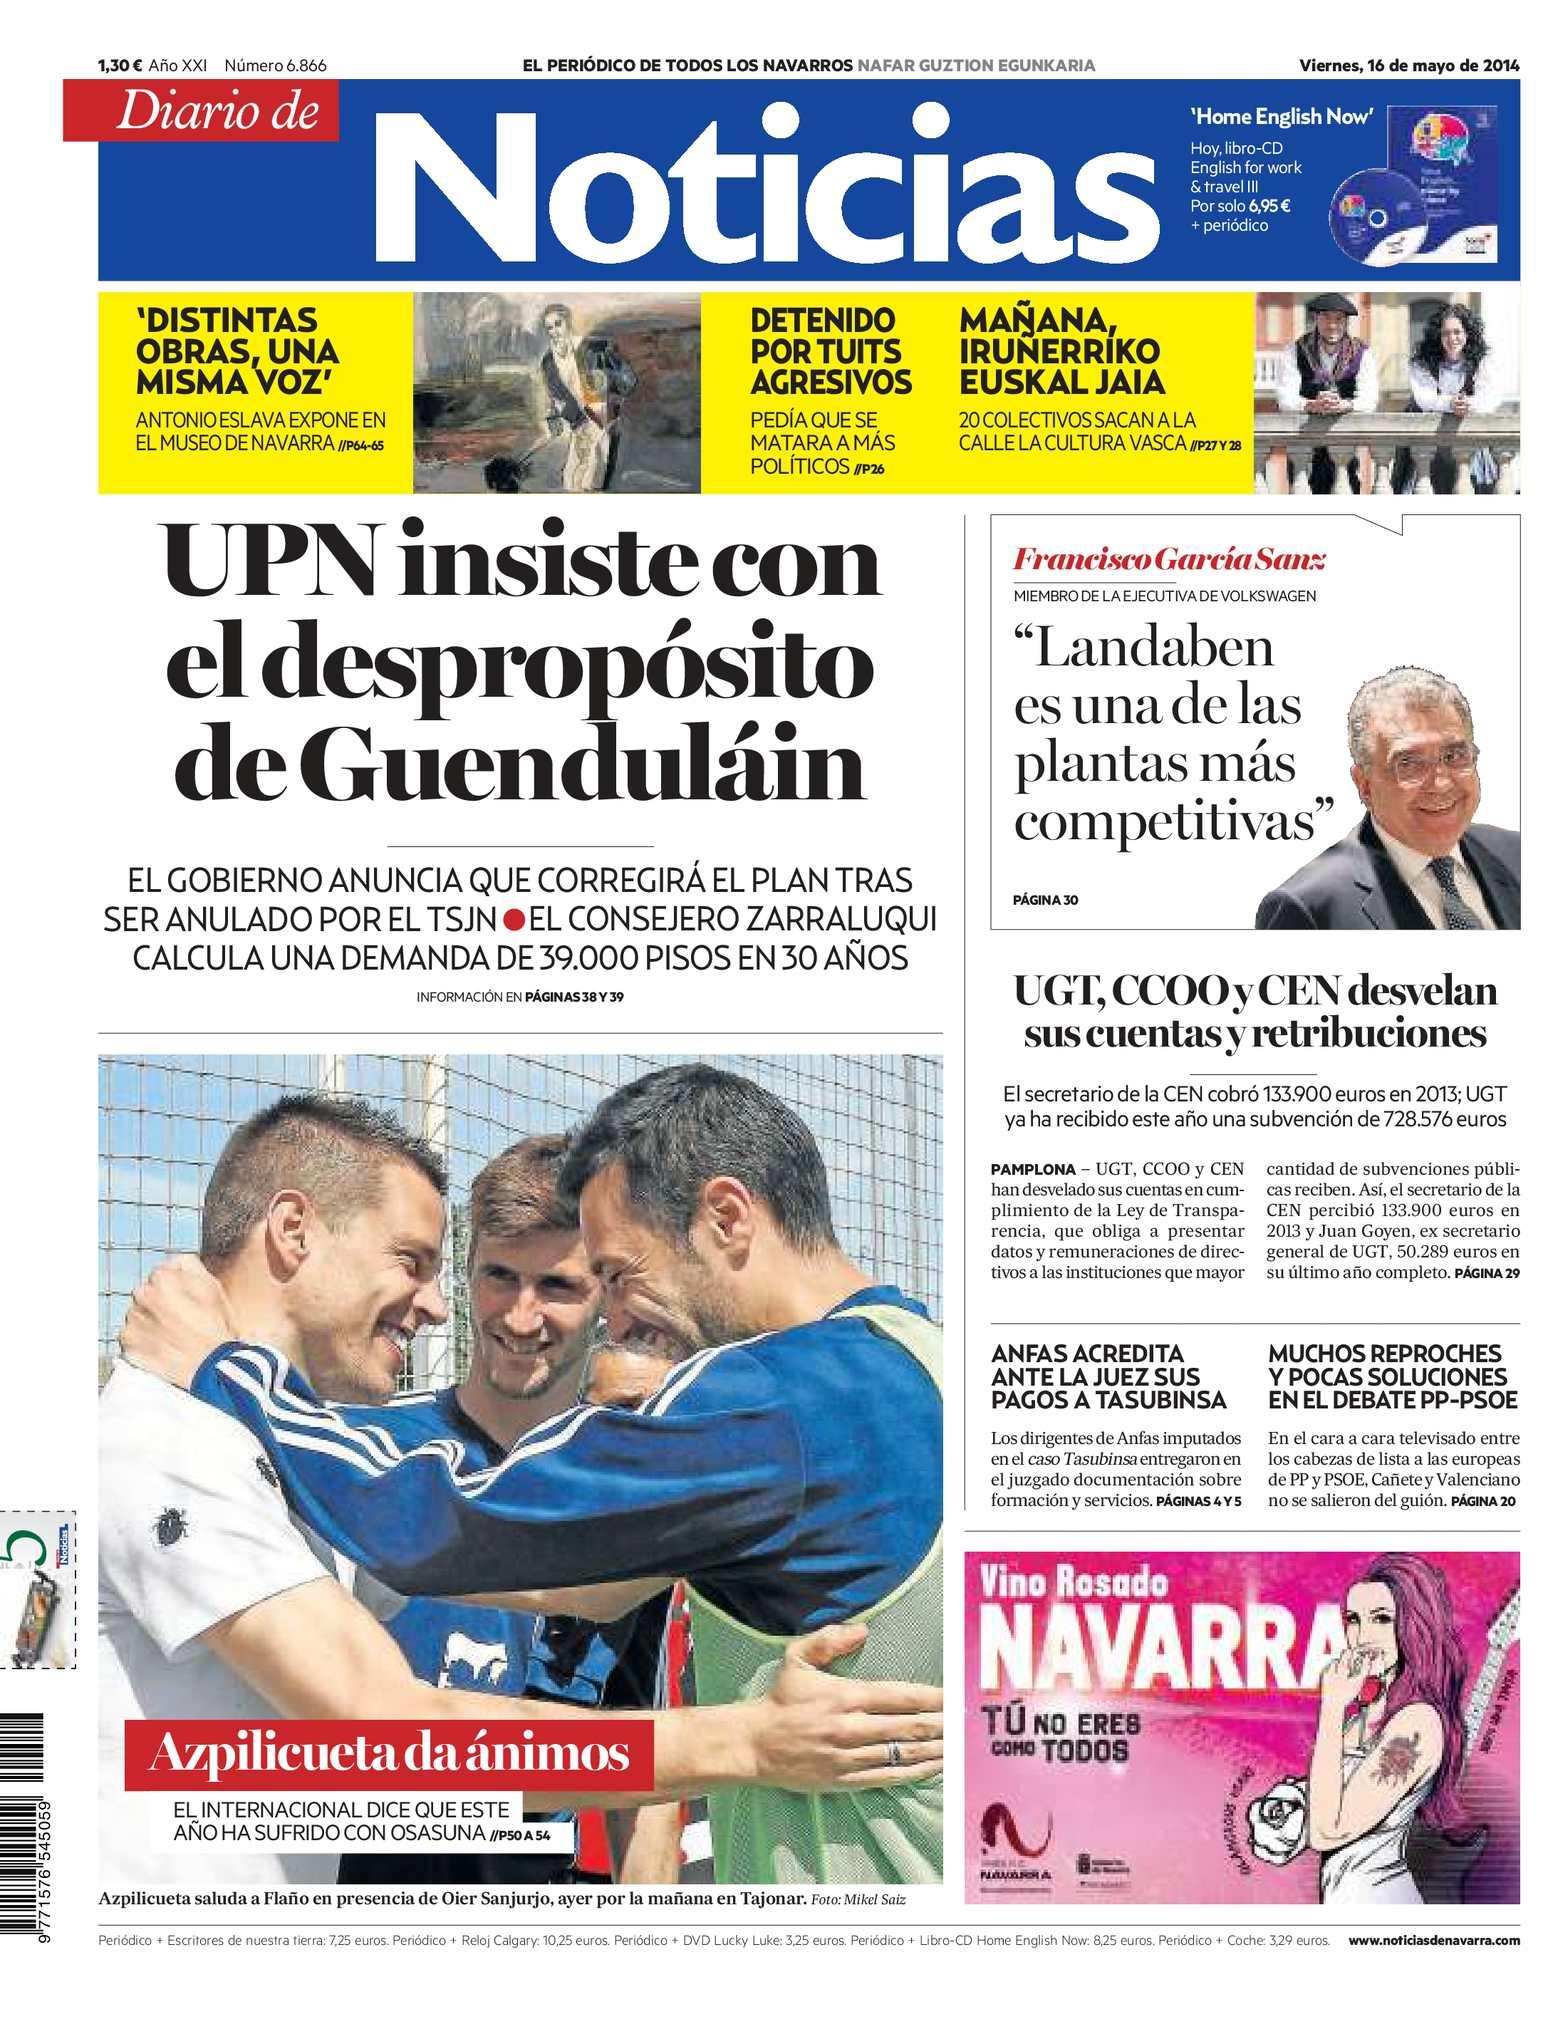 Callejeros Poligoneros Porn calaméo - diario de noticias 20140516